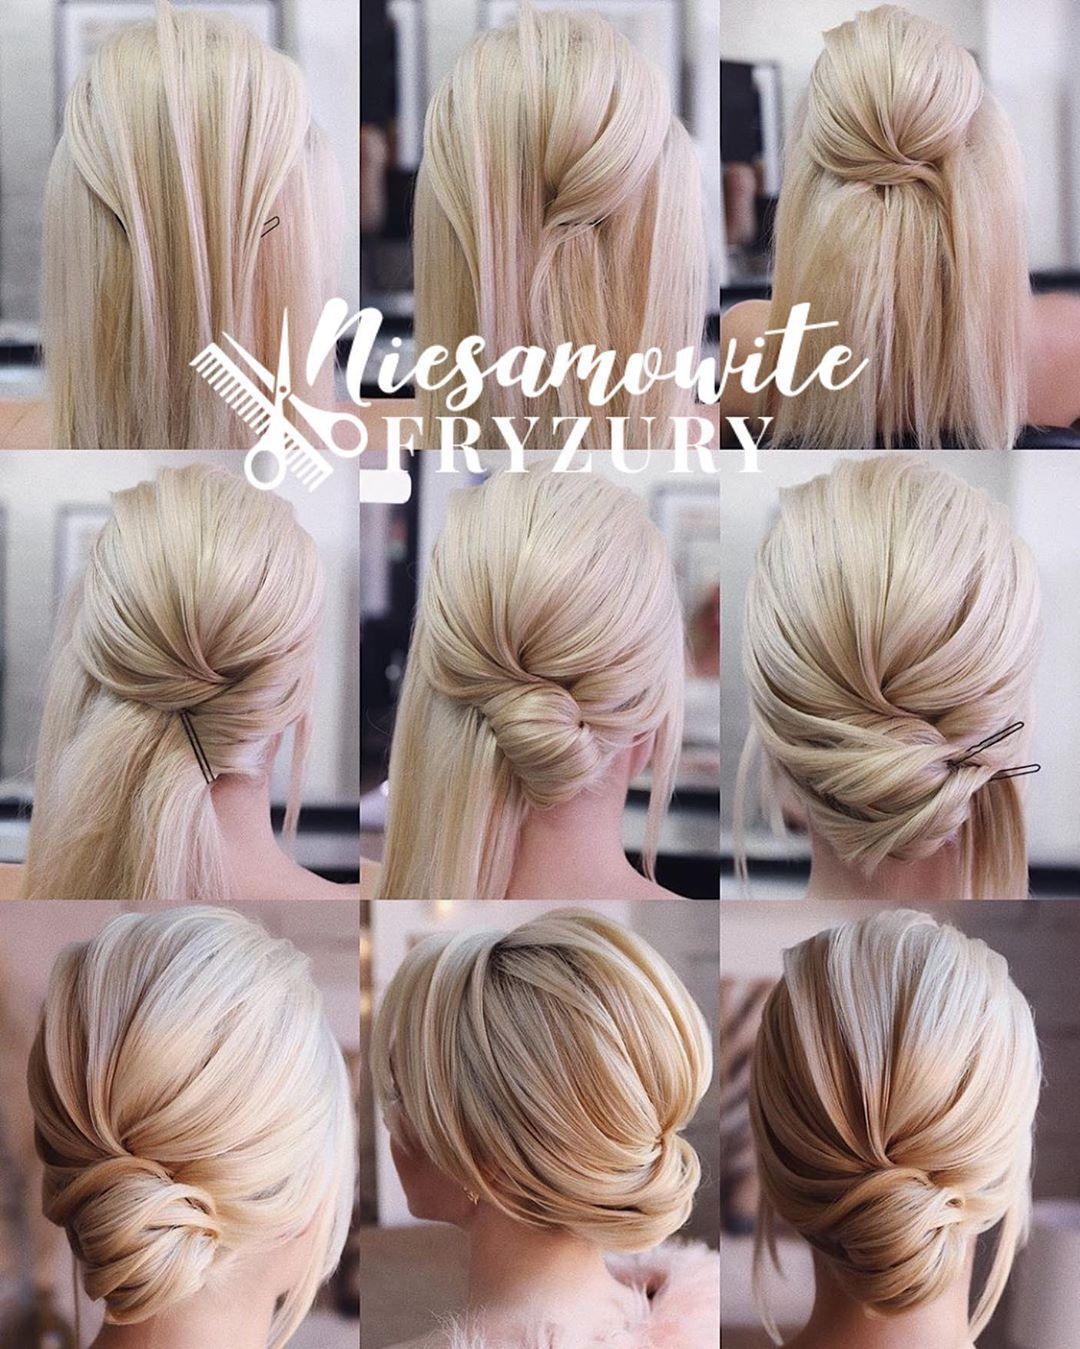 Polubienia 148 Komentarze 0 Niesamowite Fryzury Niesamowite Fryzury Na Instagramie Kolejna Odslona Pia Hair Styles Beautiful Braids Easy Hairstyles